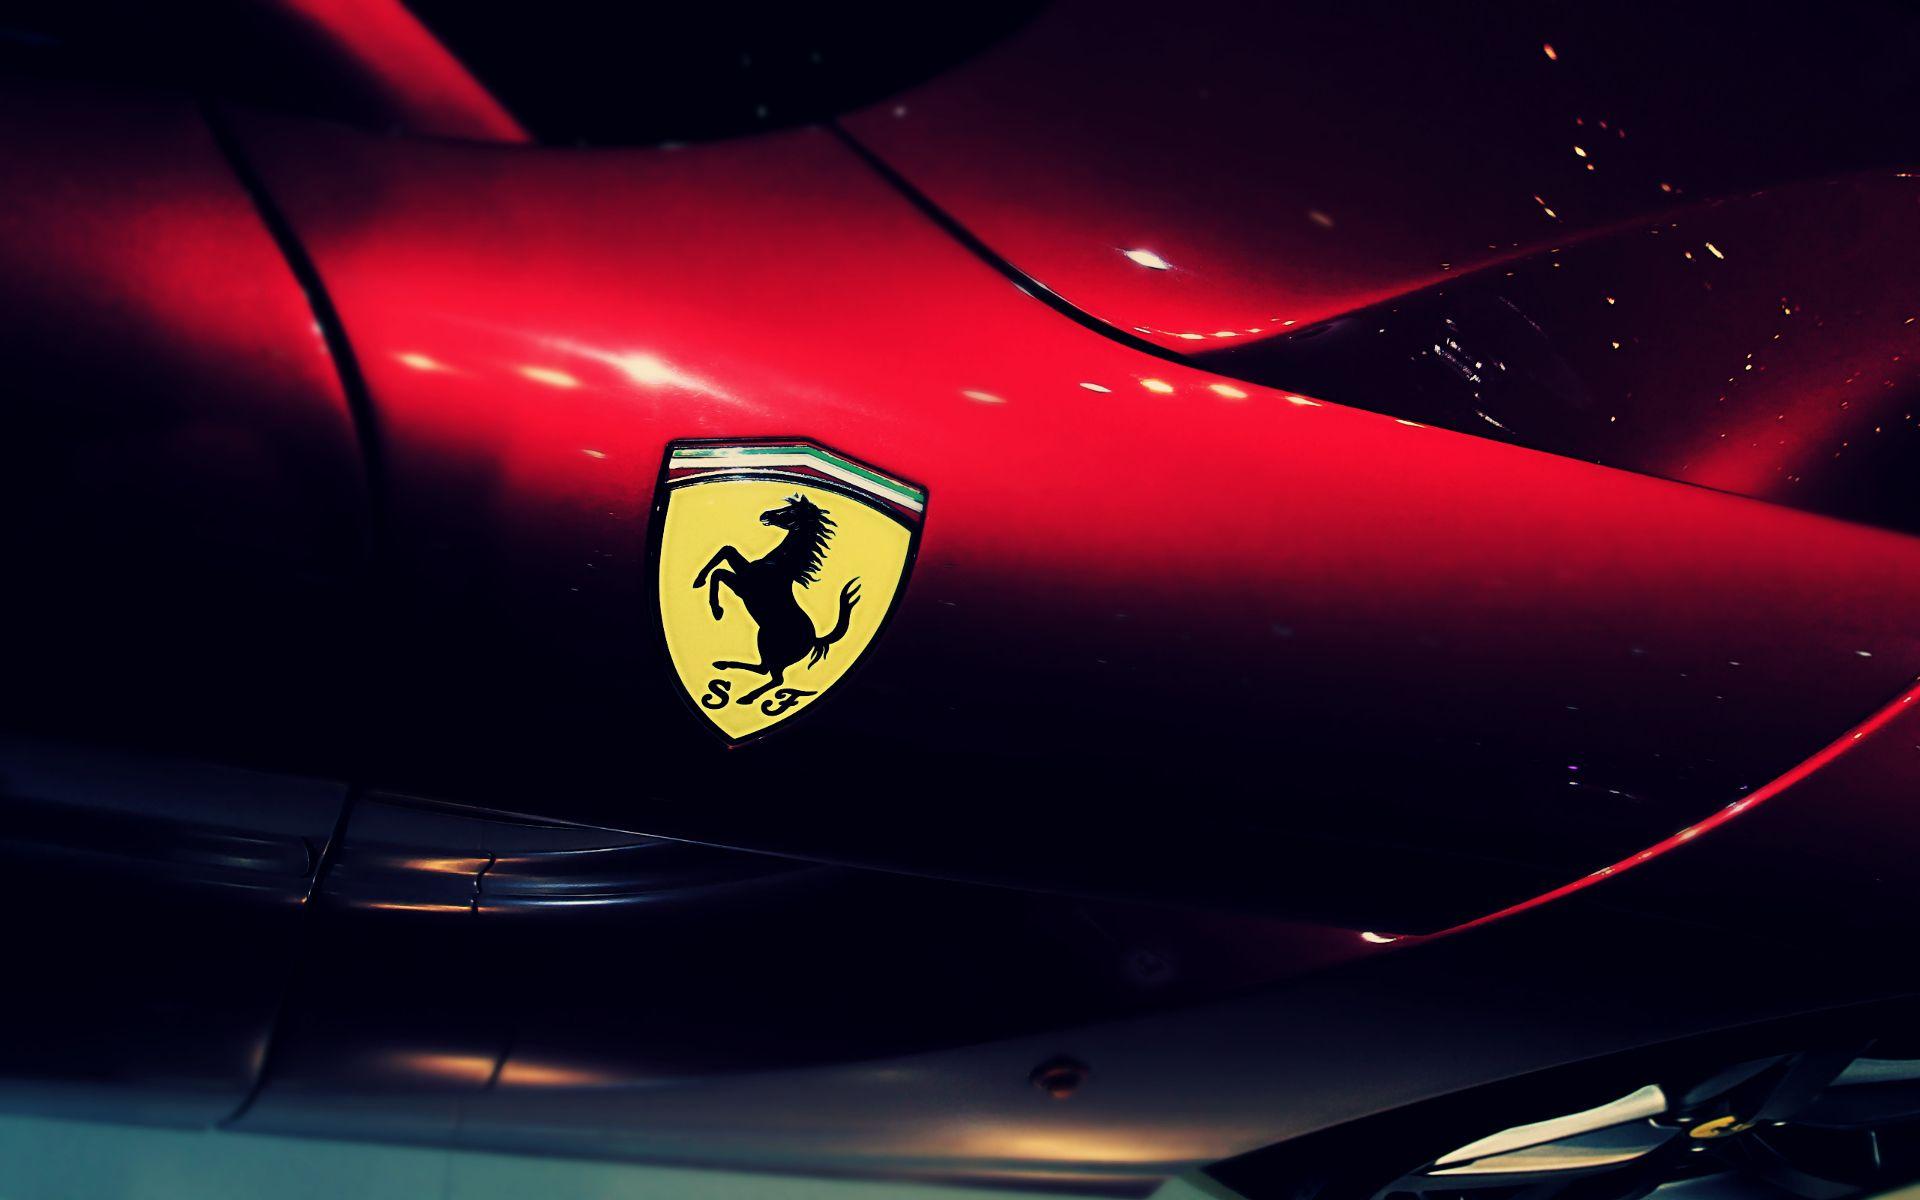 Ferrari Logo Hd Wallpaper Con Immagini Immagini Ferrari